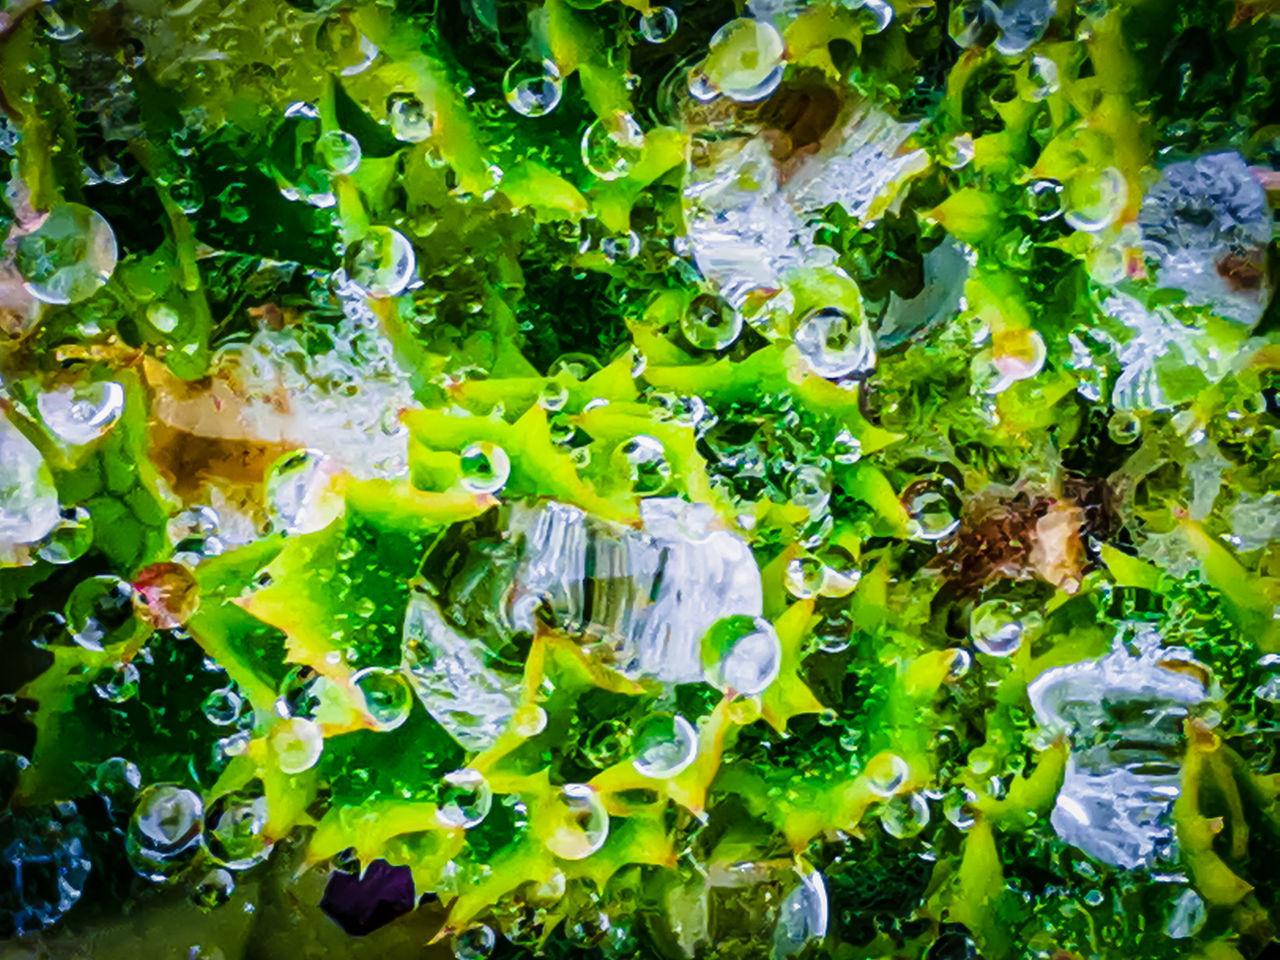 FULL FRAME SHOT OF FRESH GREEN WATER